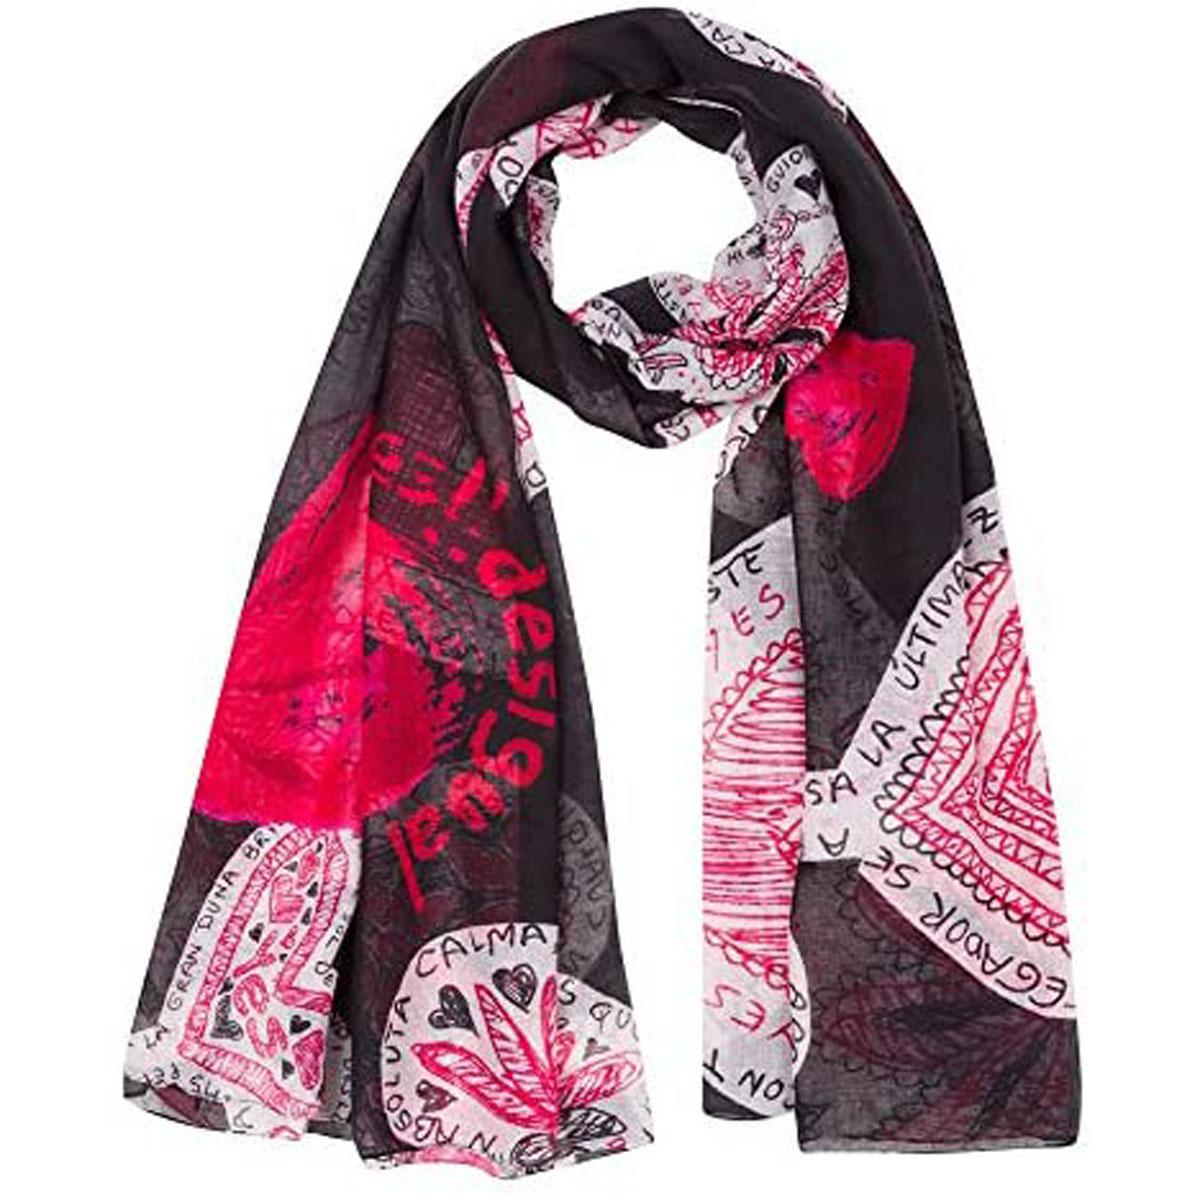 Poncho créateur \'Desigual\' rouge noir (love) - 240x120 cm - [M7484]